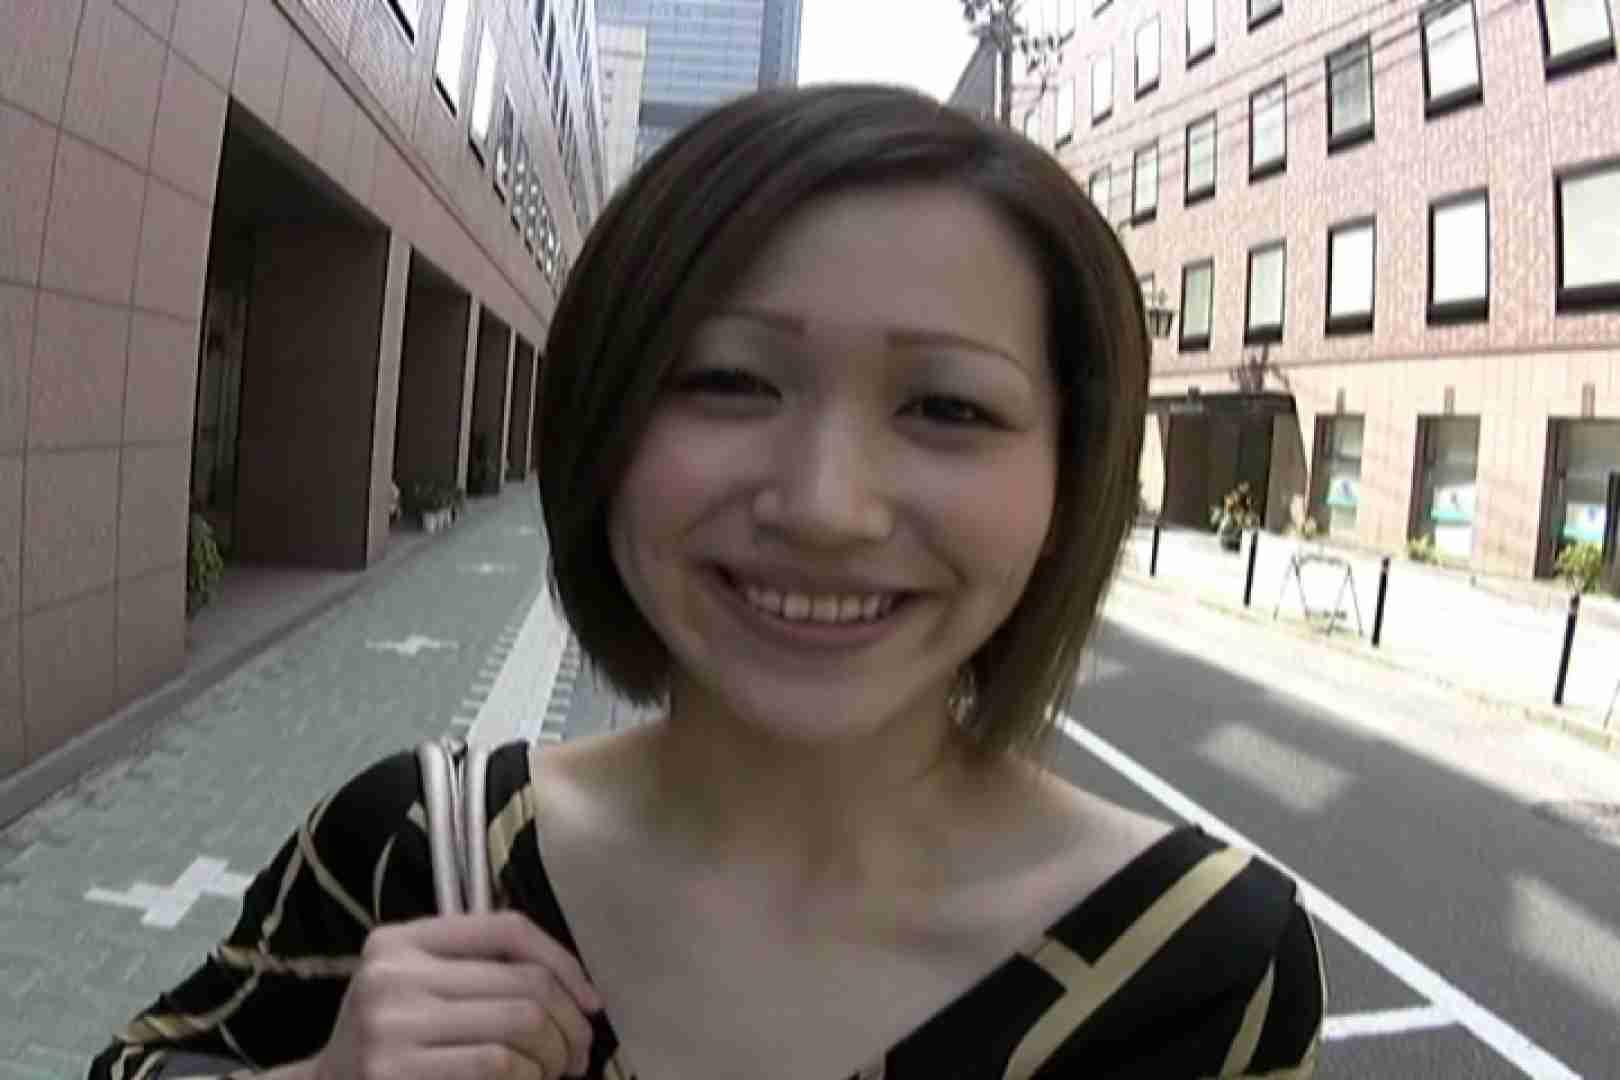 素人モデル撮っちゃいました chisa ぽっちゃり | モデルのエロ生活  54連発 16